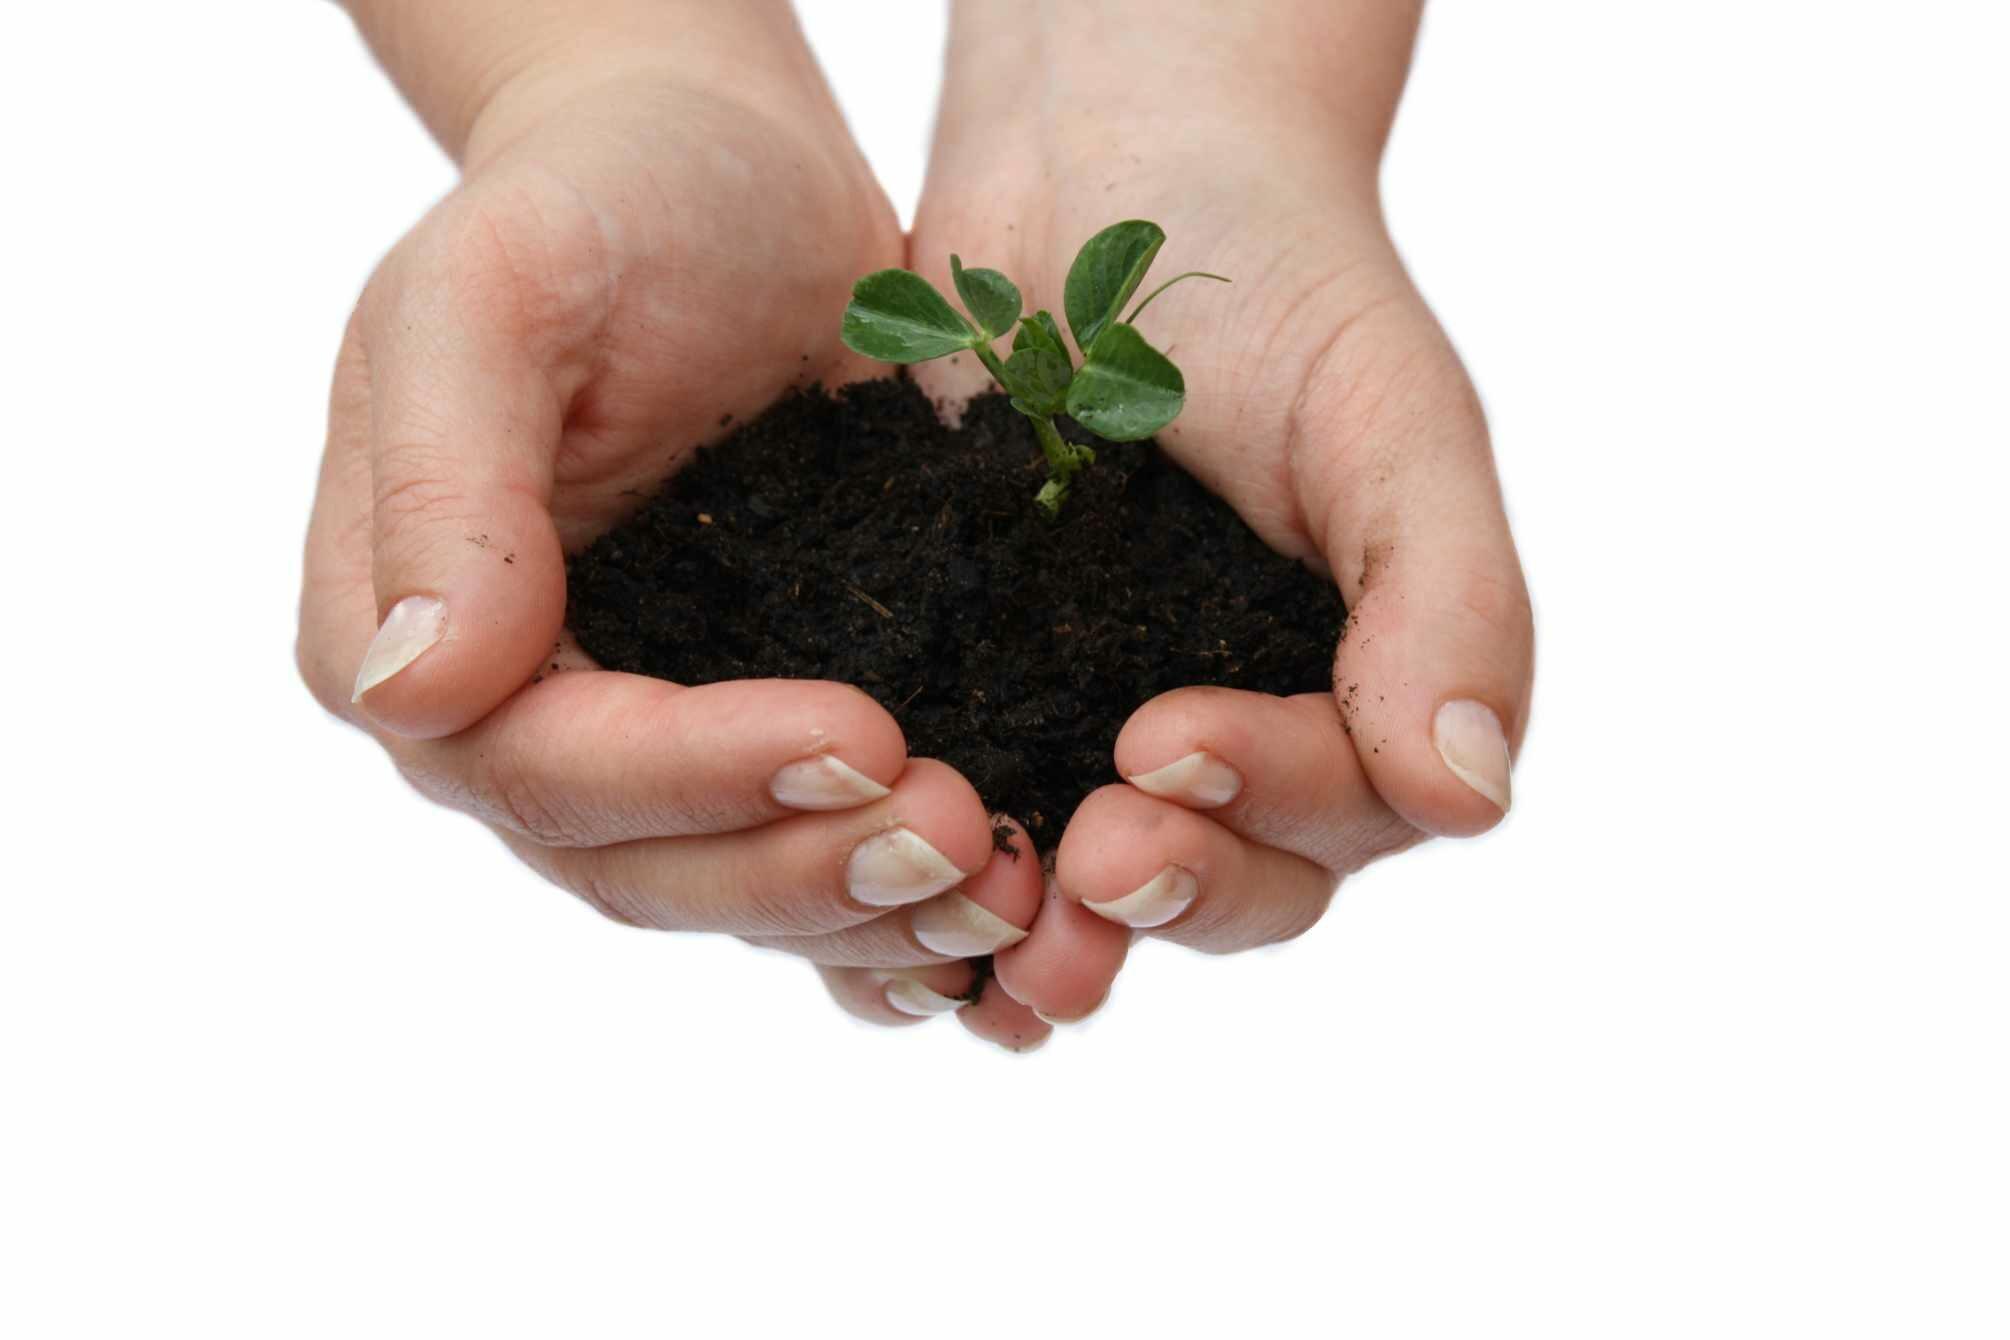 Blumenerde mit einer kleinen Pflanze in den Händen